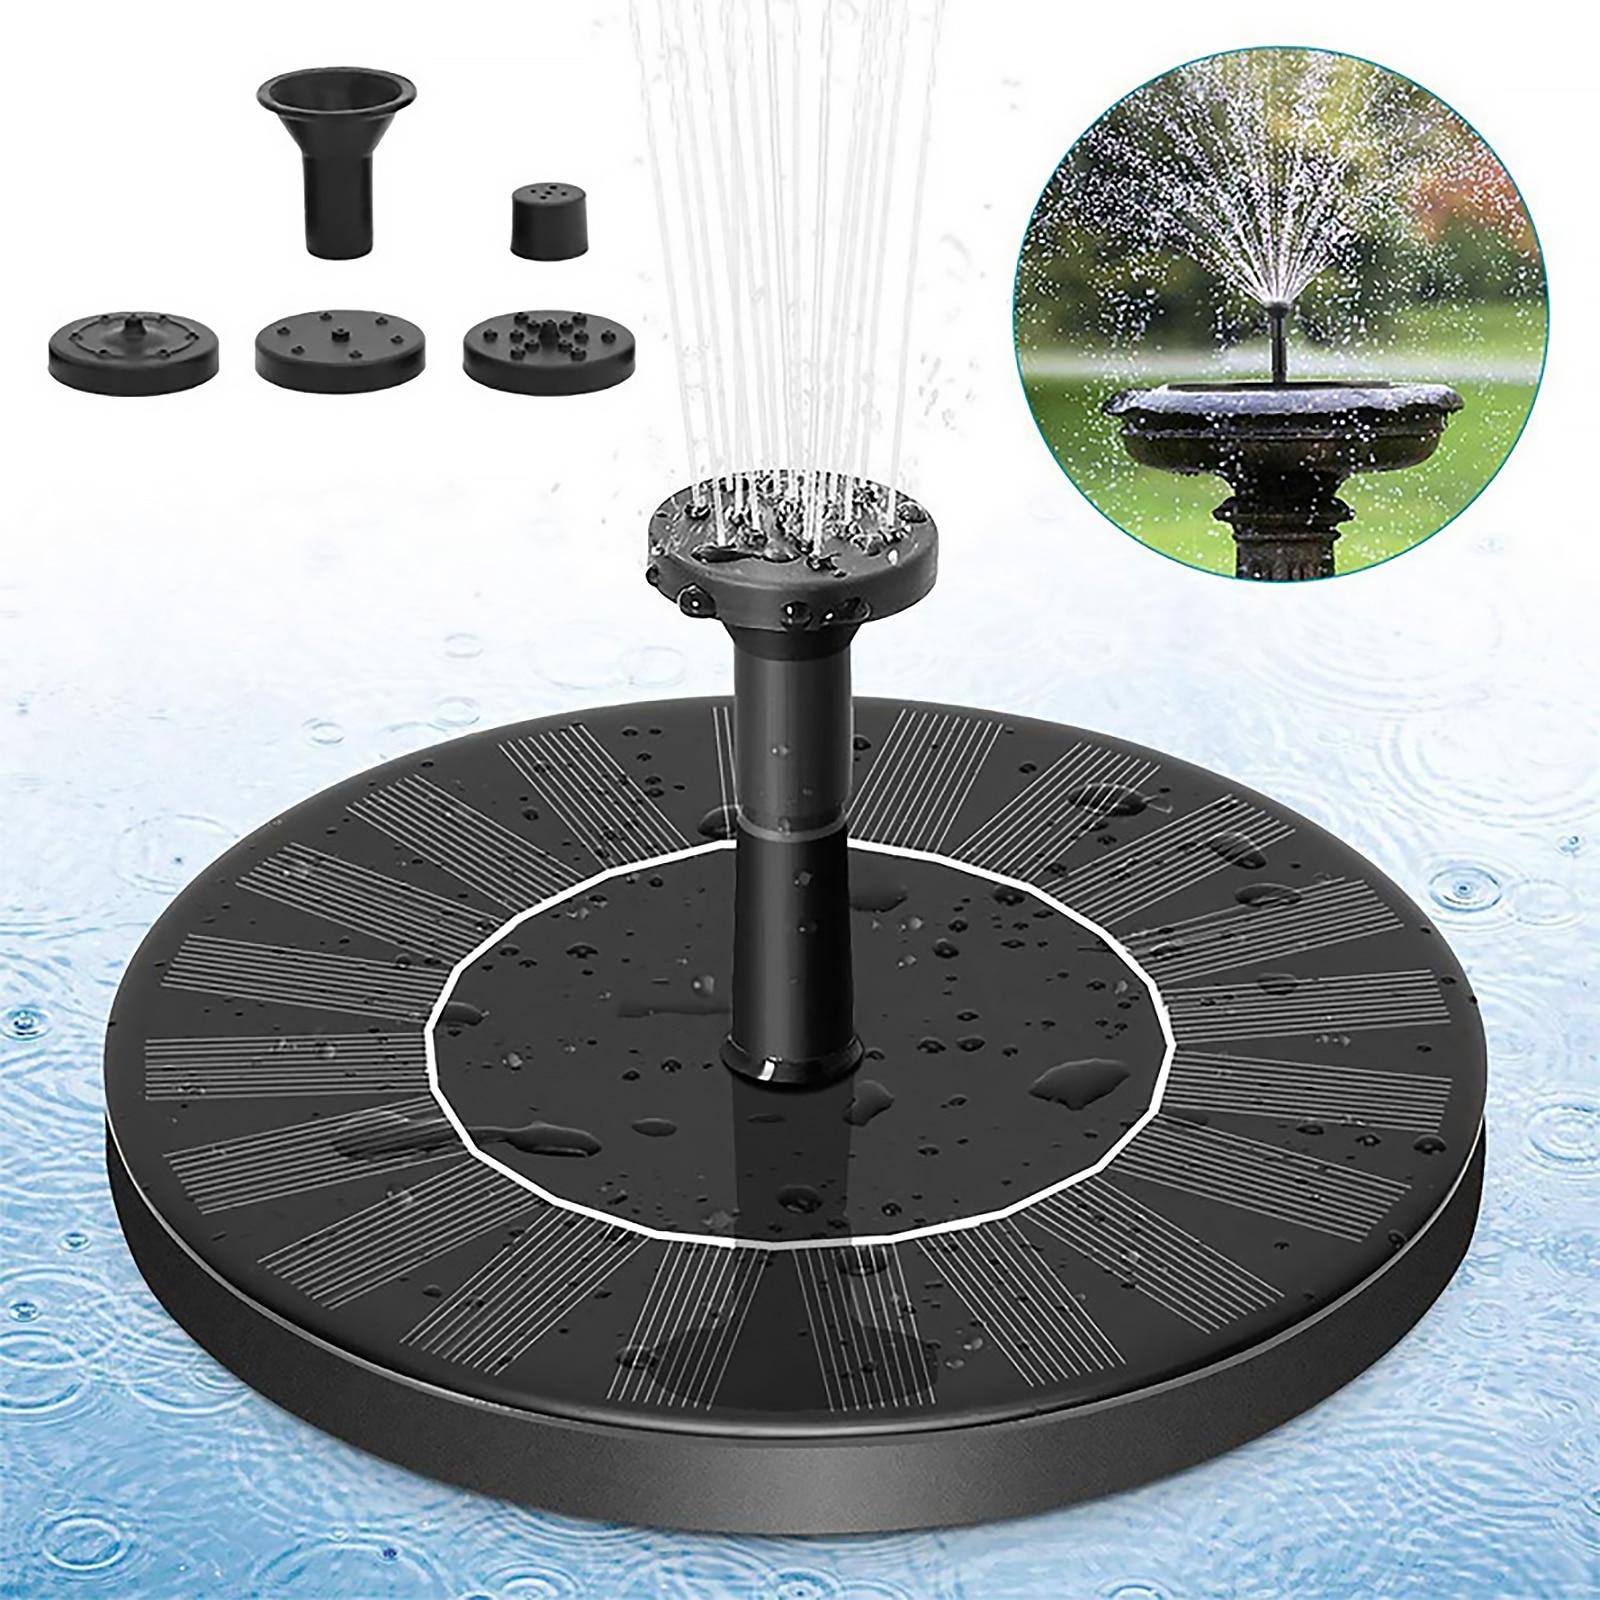 Модернизированный Солнечный водяной фонтан водопад фонтана птиц ванная фонтан свободностоящая водяной насос садовый декор solaire фонтан #9